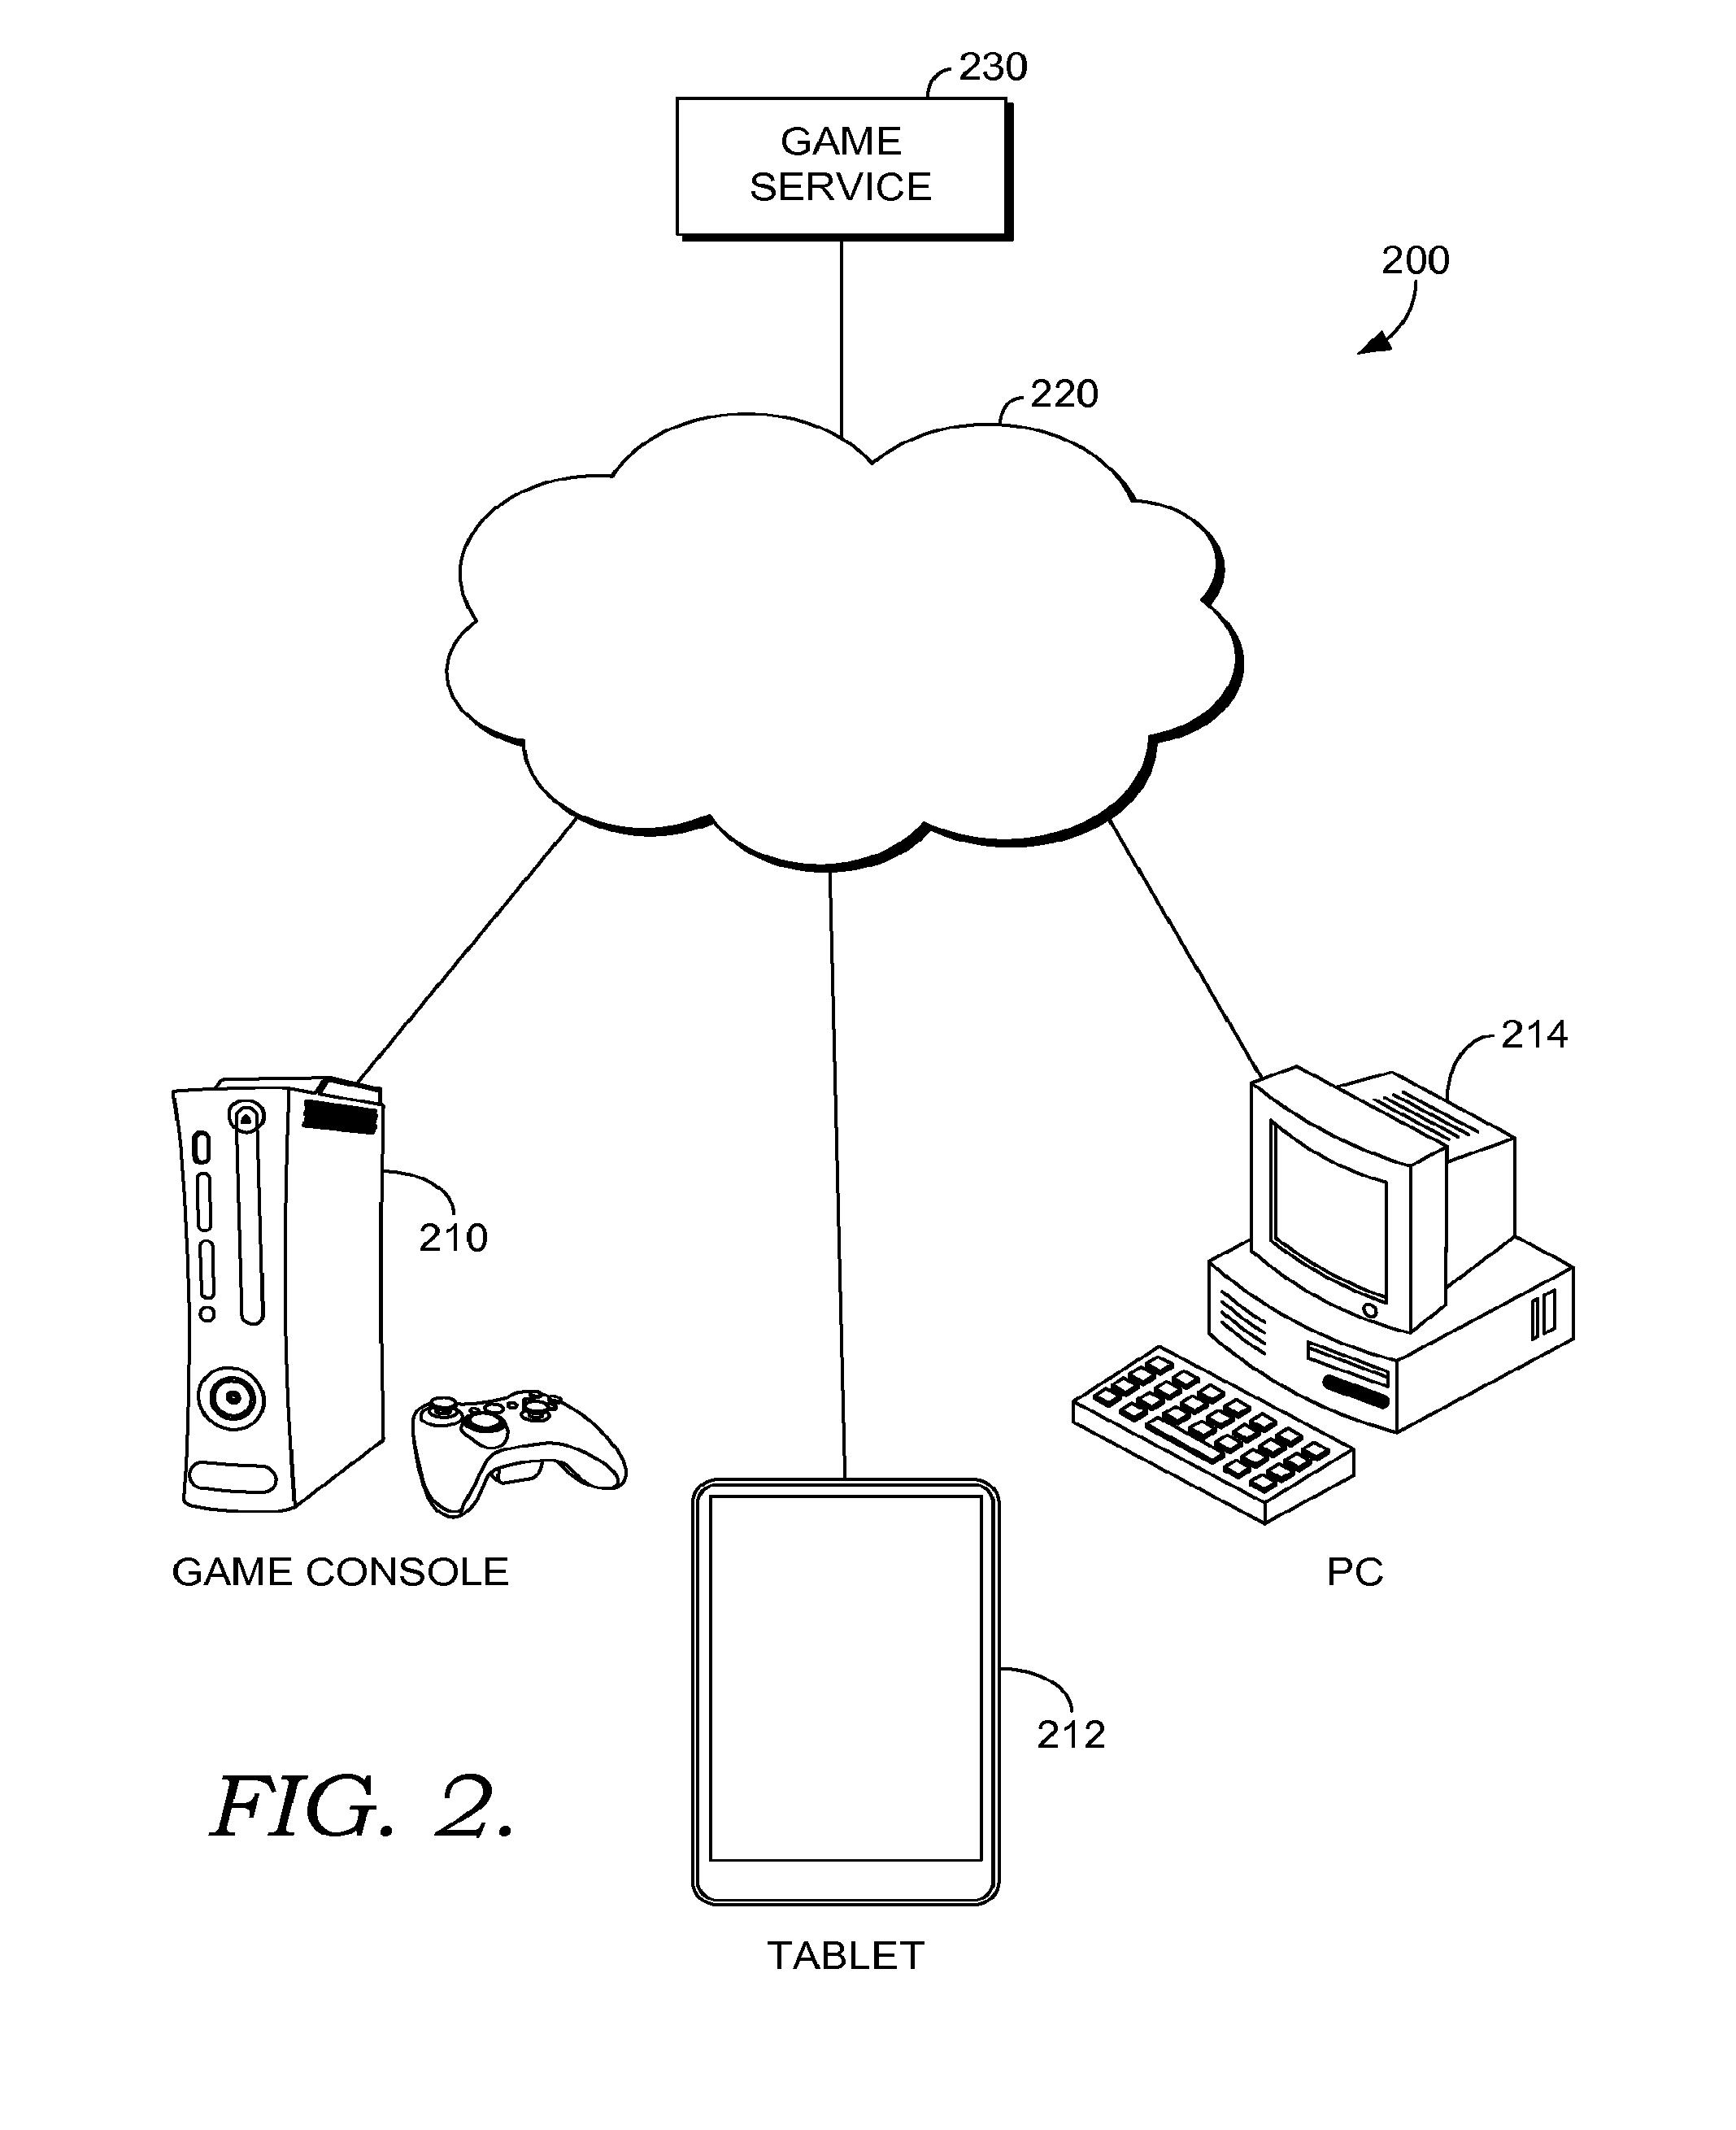 Microsoft xcloud patent